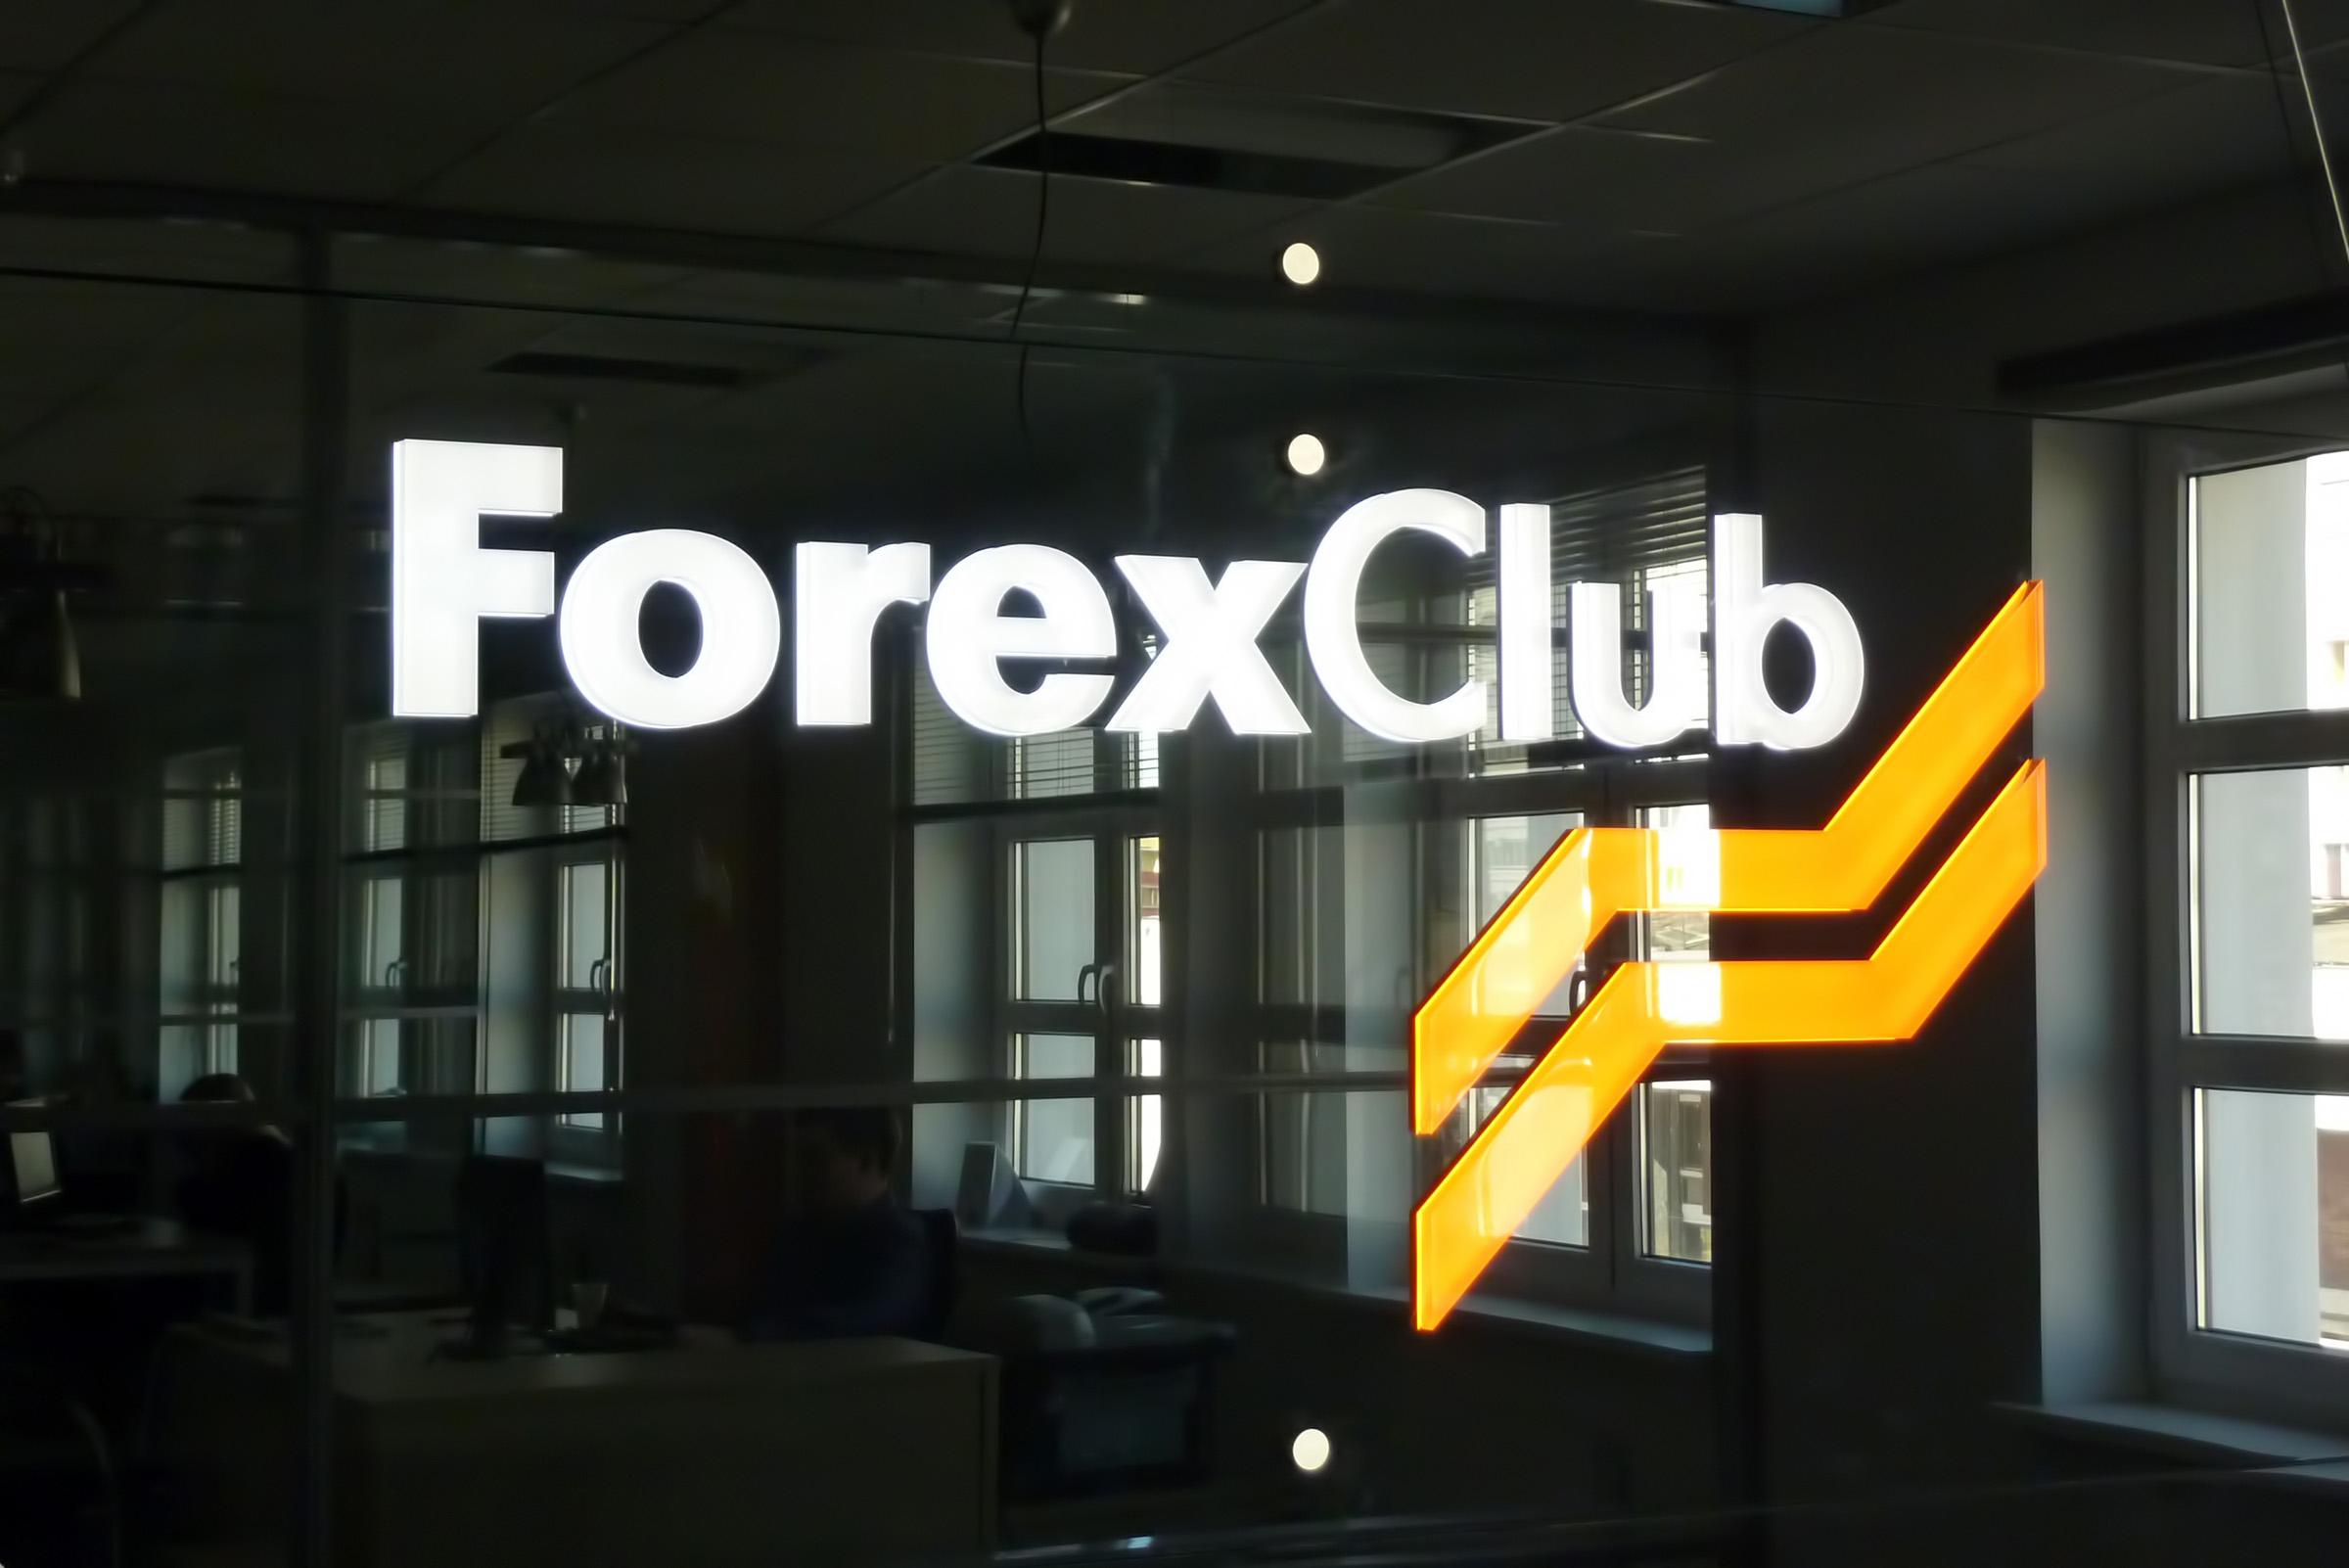 FX CLUB — отзывы о брокере Форекс Клаб